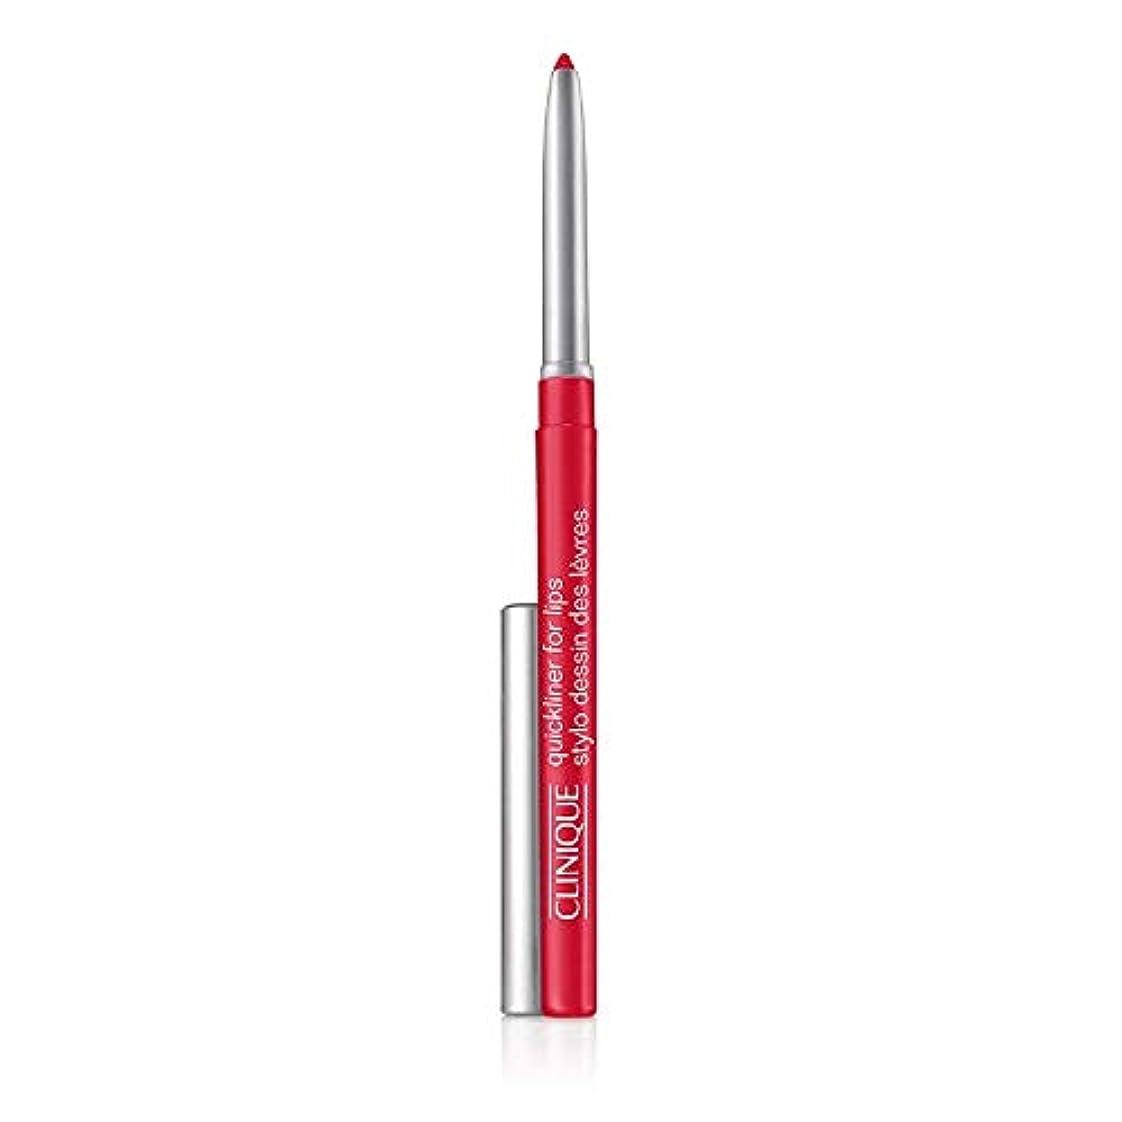 ラジカルのみがんばり続けるクリニーク Quickliner For Lips - 47 French Poppy 0.3g/0.01oz並行輸入品